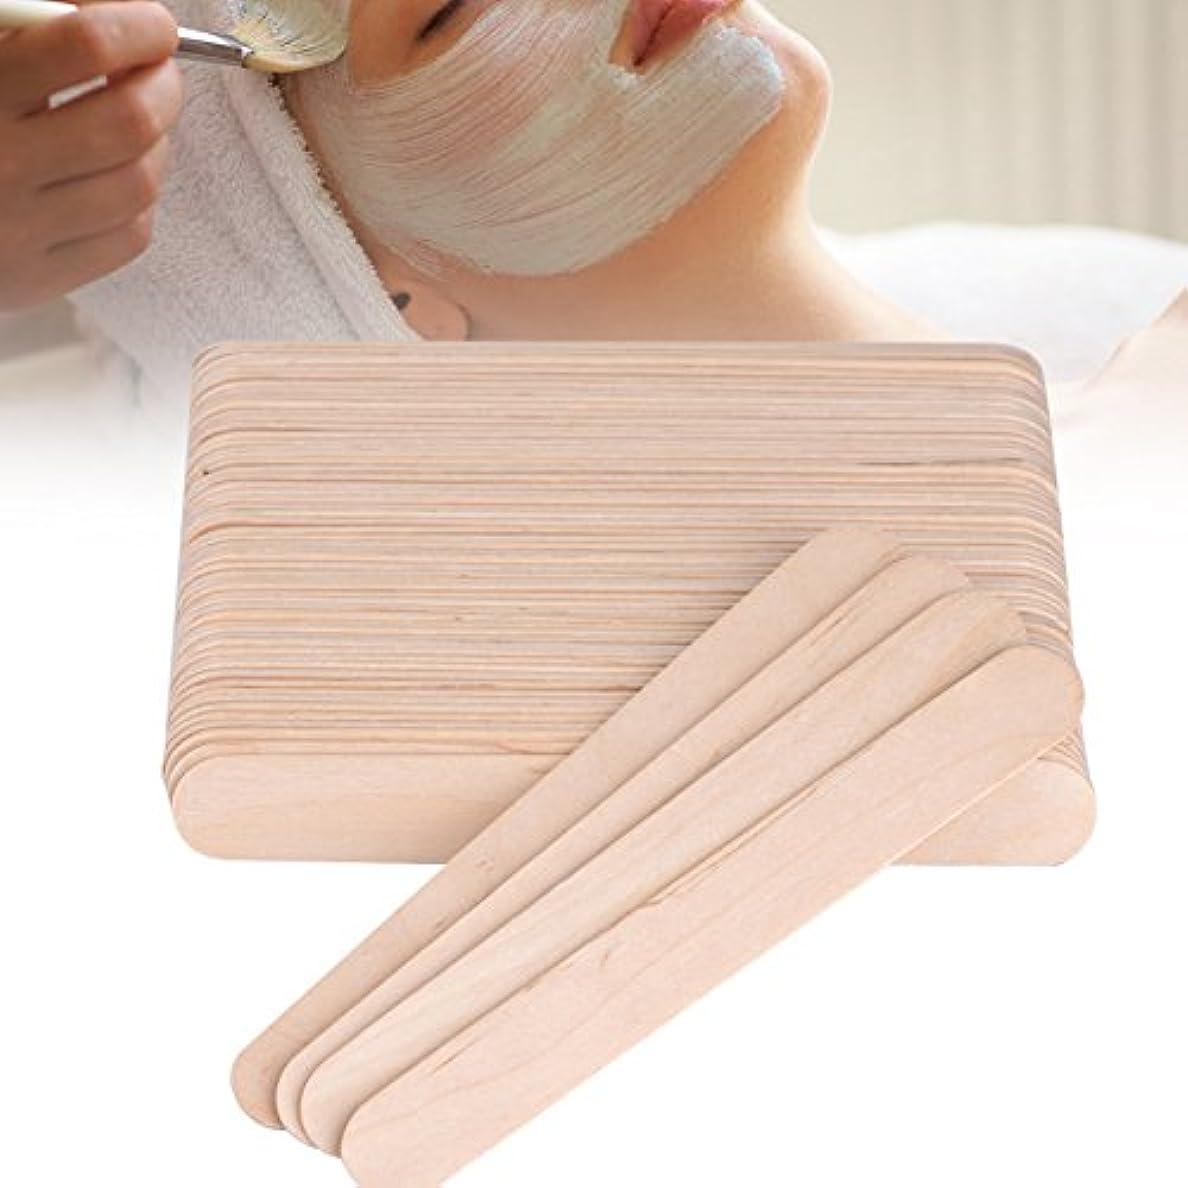 一流性別チチカカ湖舌圧子ワックススティックスパチュラアプリケーター木製スパチュラ使い捨て業務用木製 100PCS /バッグ